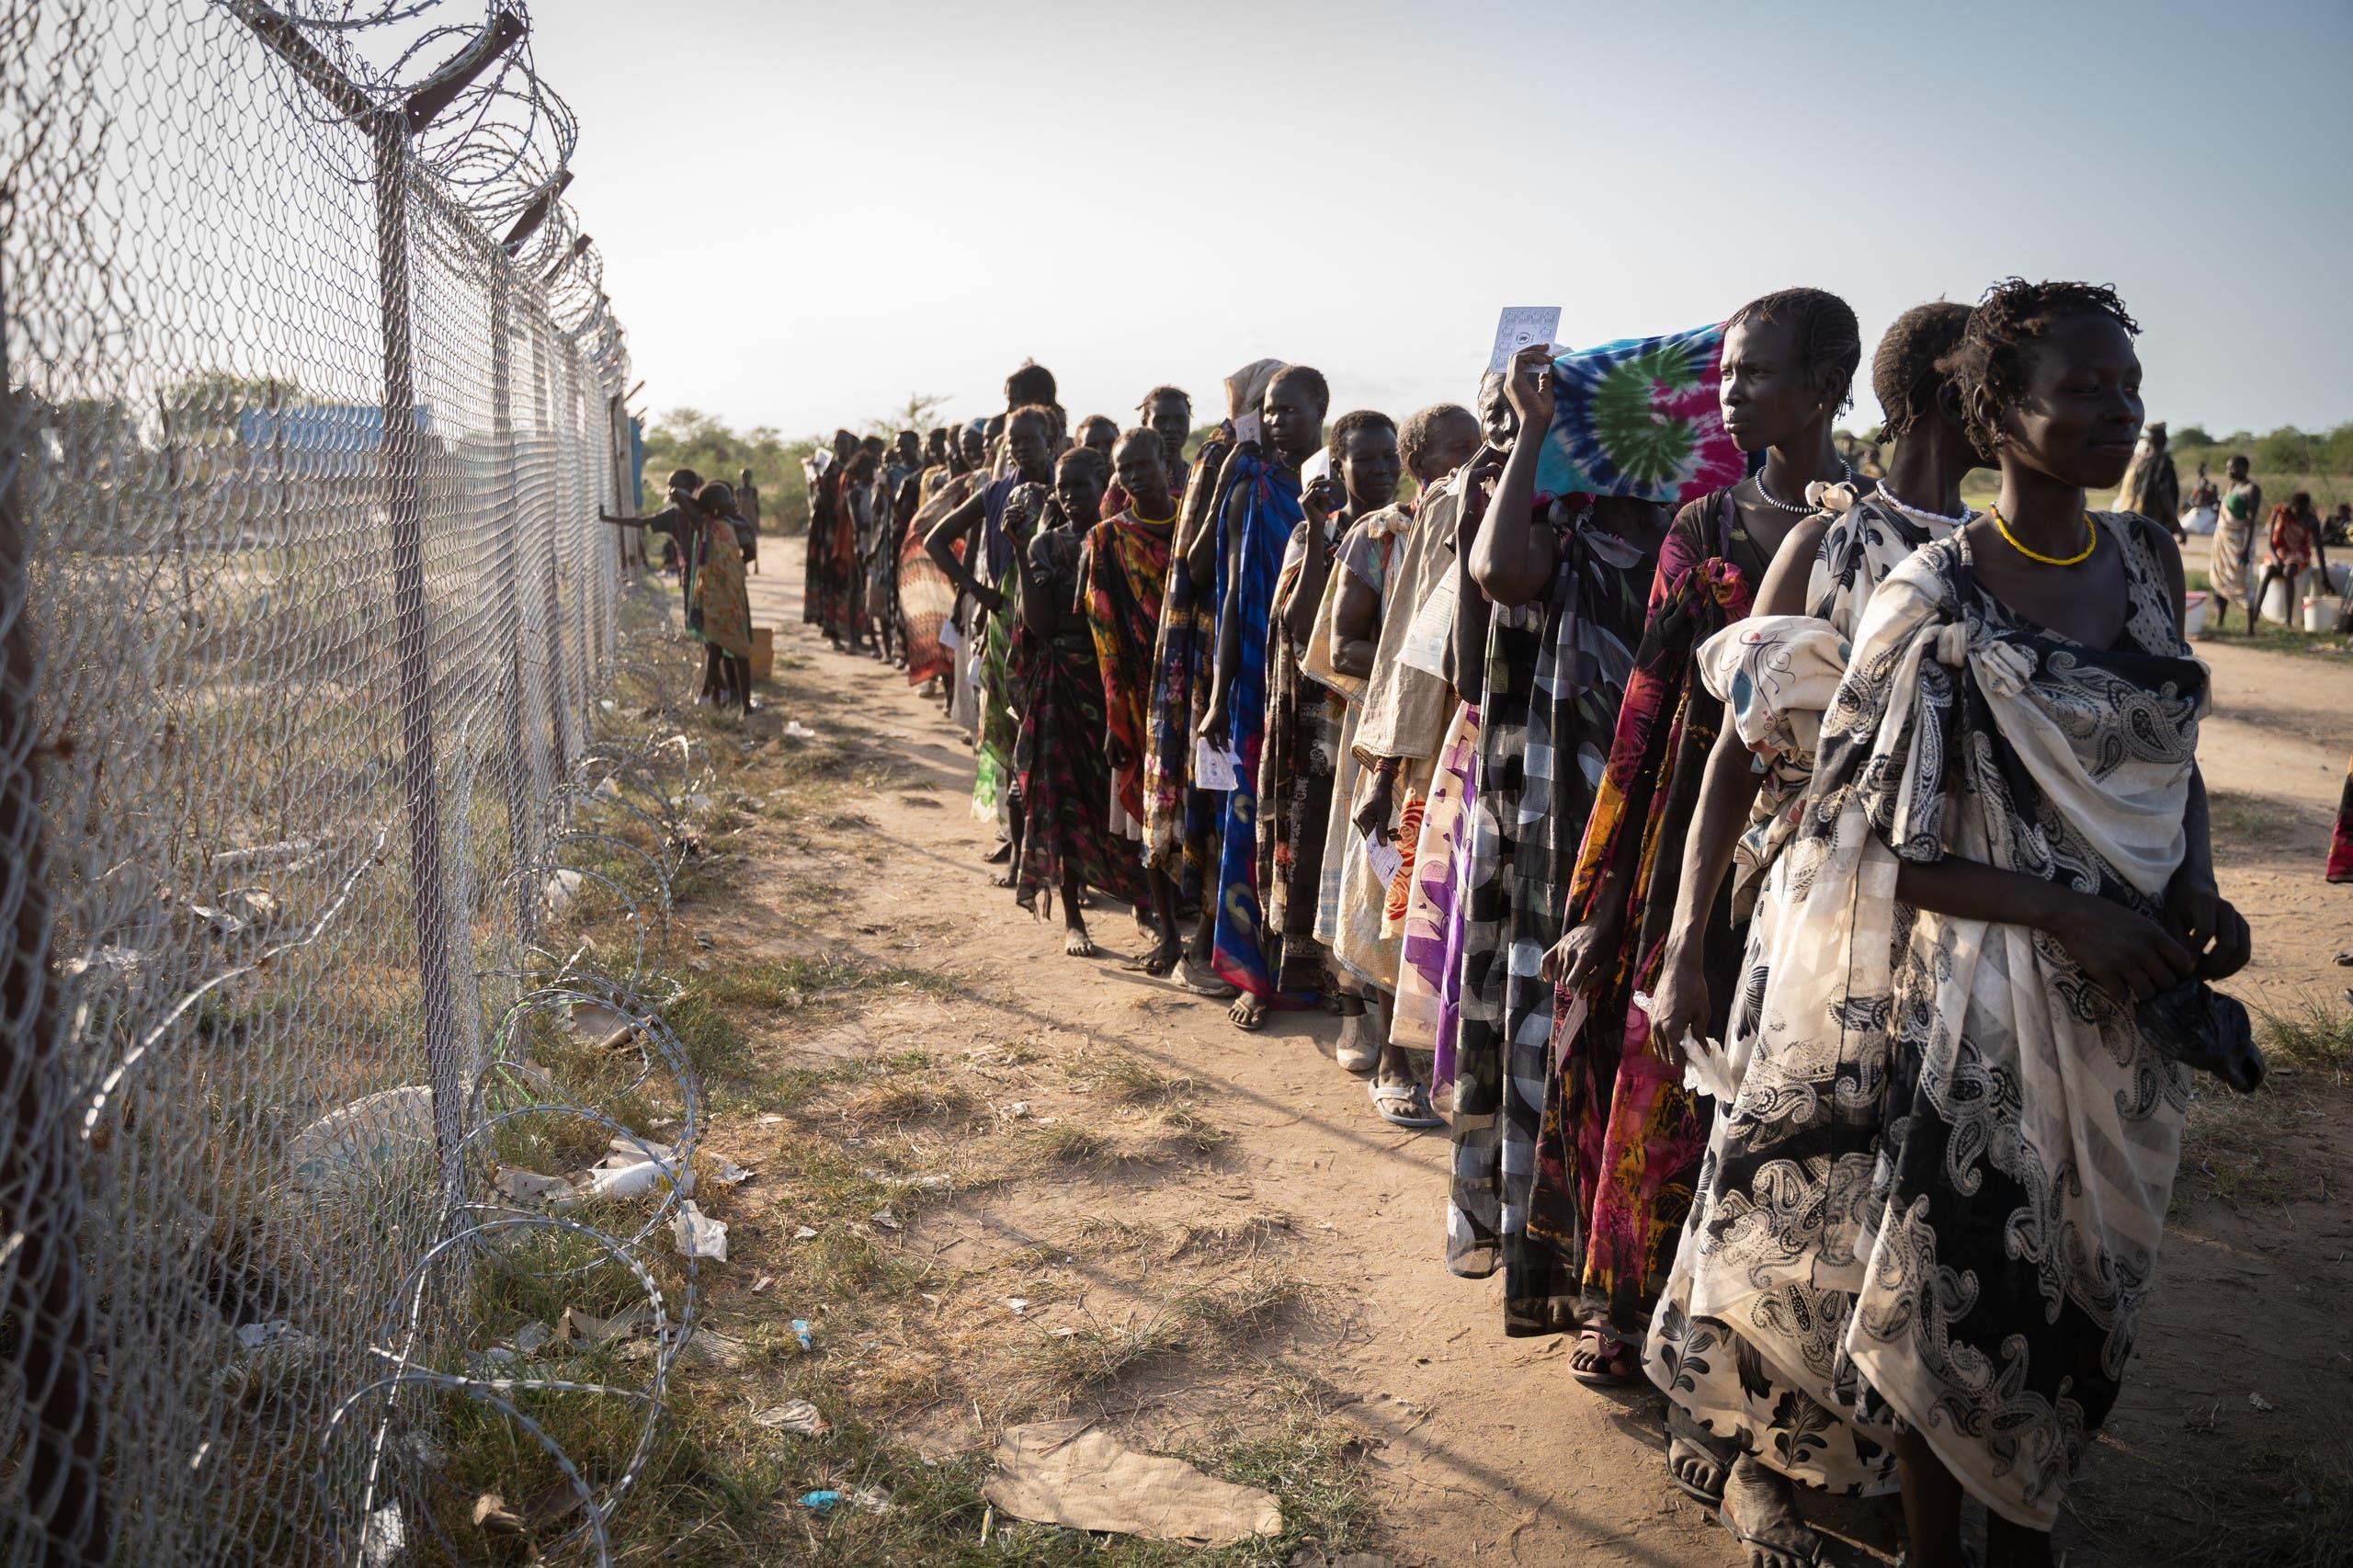 سيدات نتظرن في جنوب السودان لتلقي مساعدات غذائية